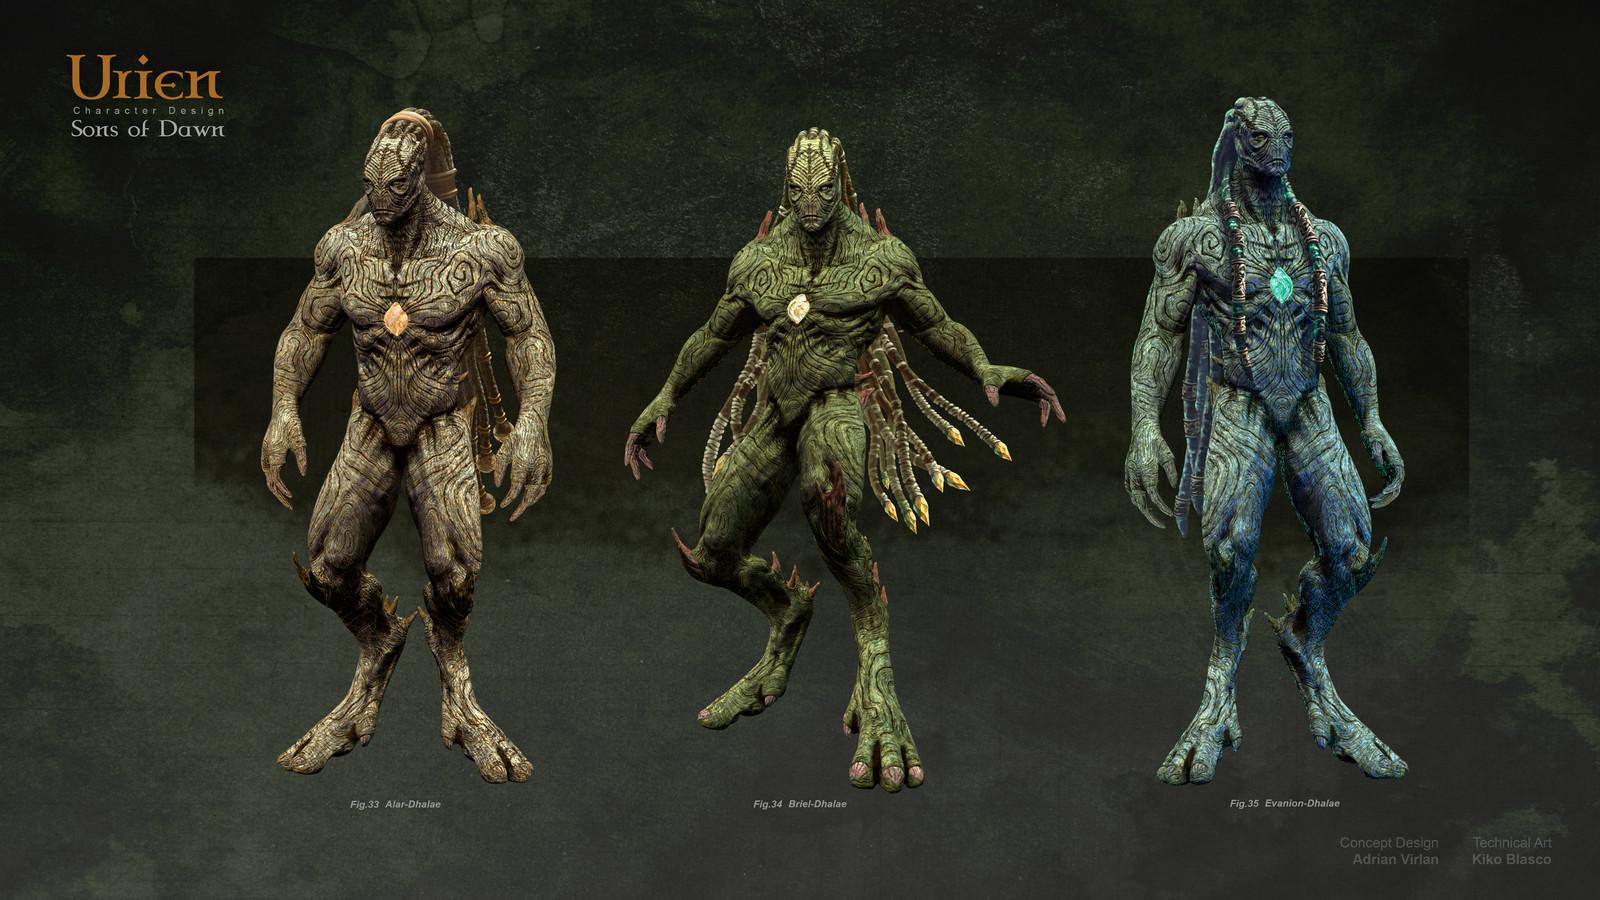 URIEN: Character Design